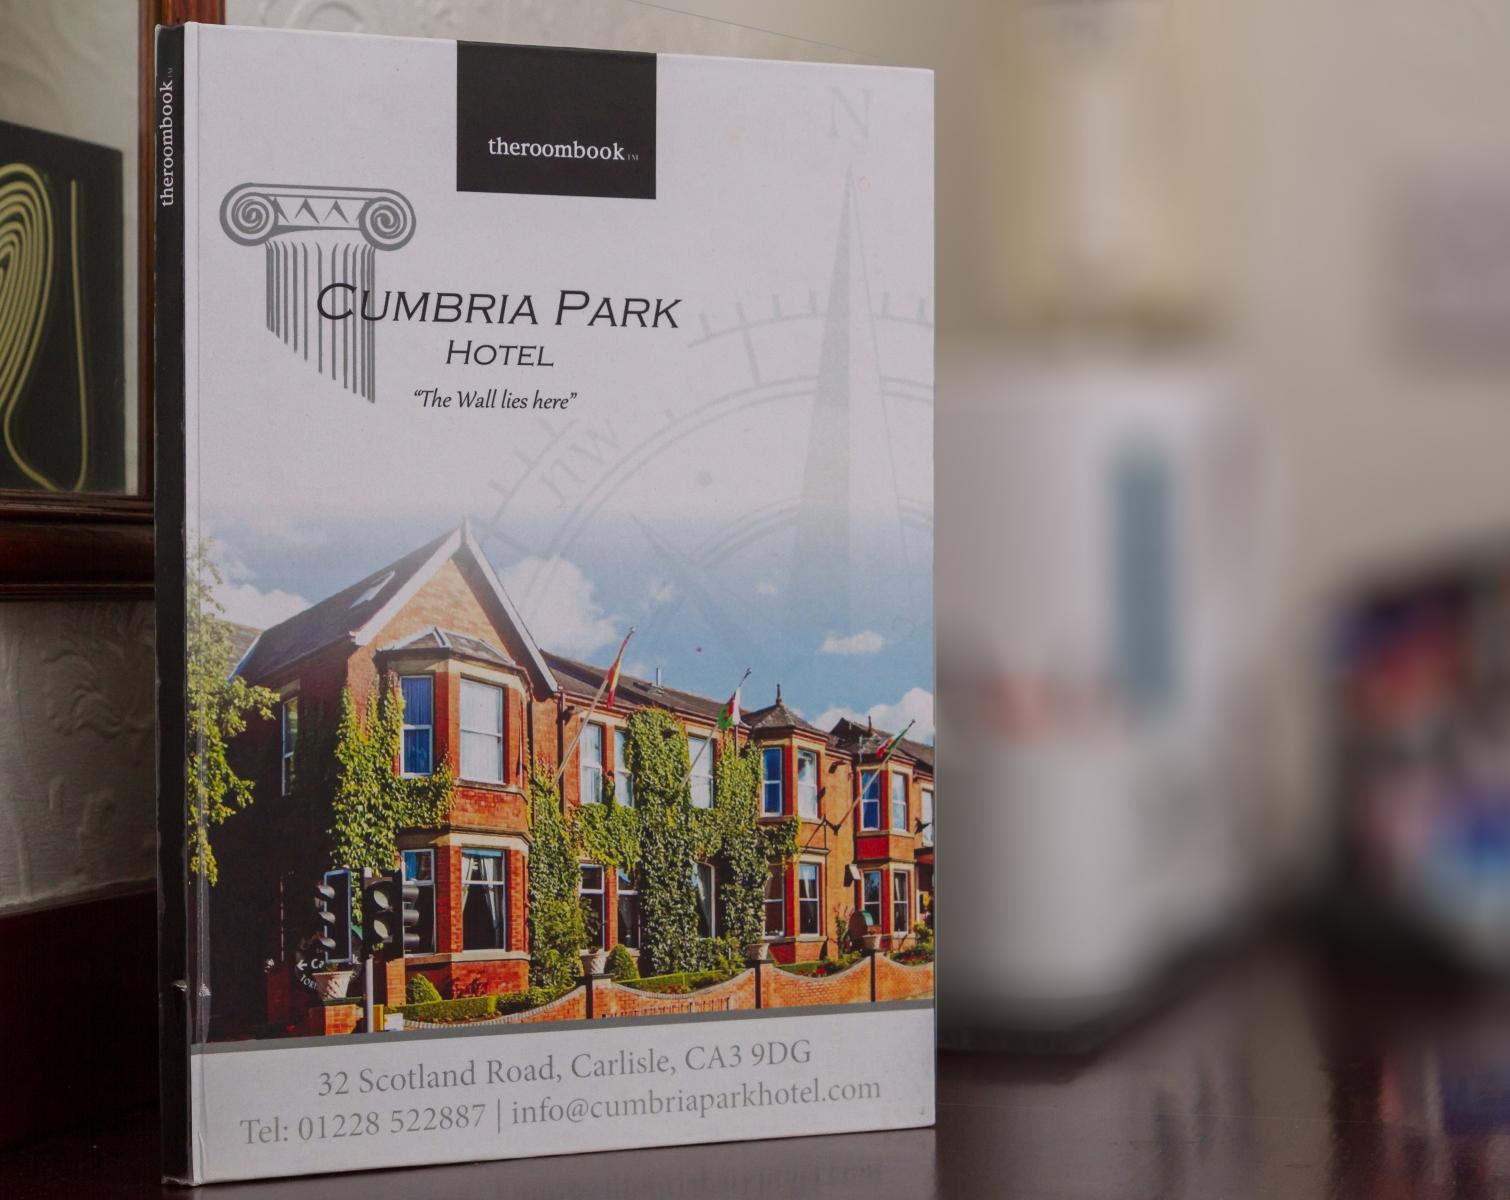 Cumbria-Park_RoomBook